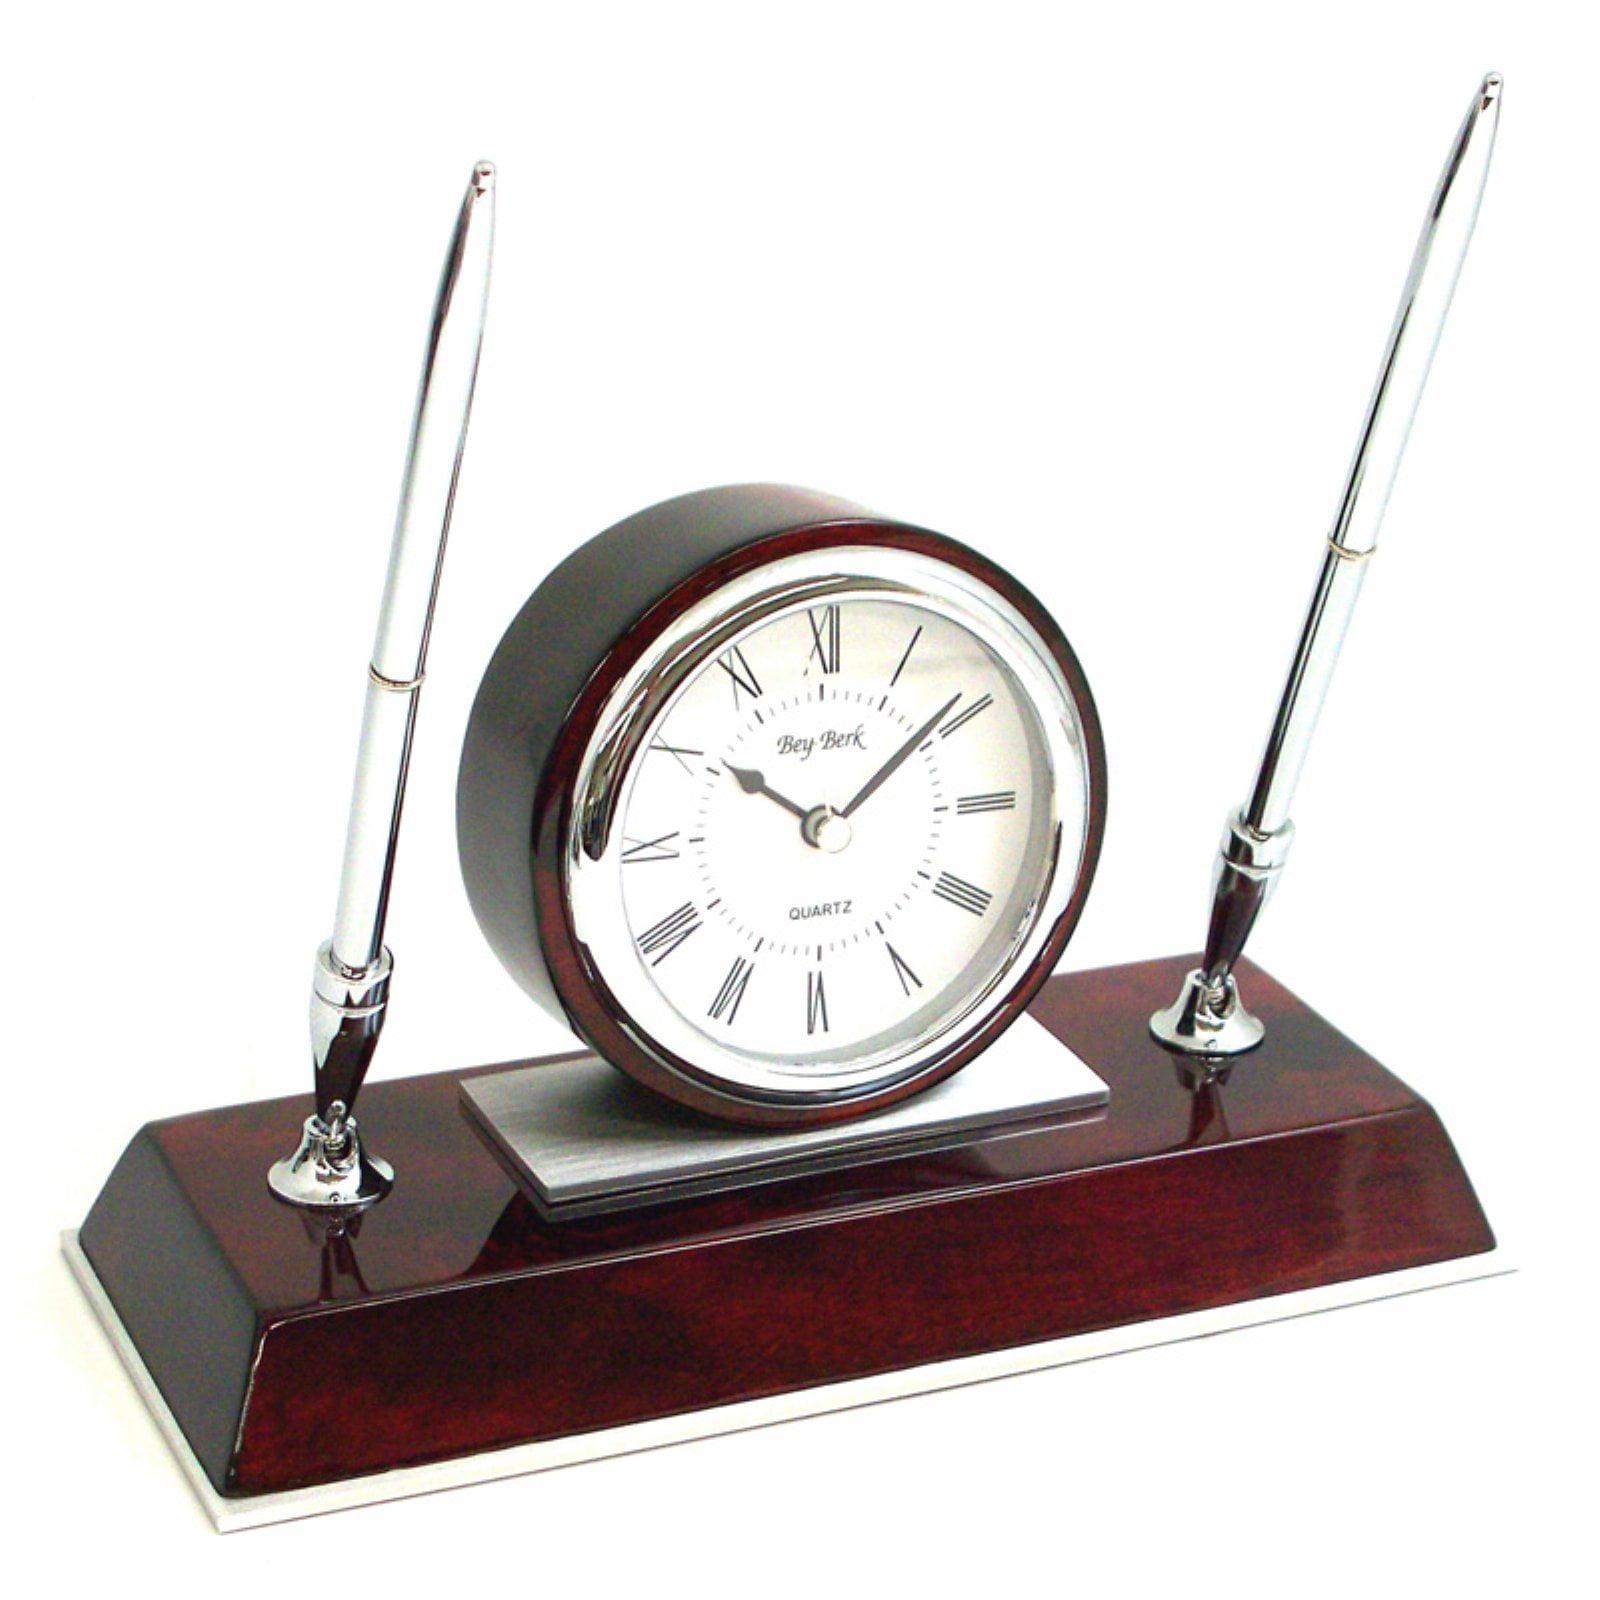 Bey-Berk International Rosewood Desk Clock with Pen Set by Bey Berk